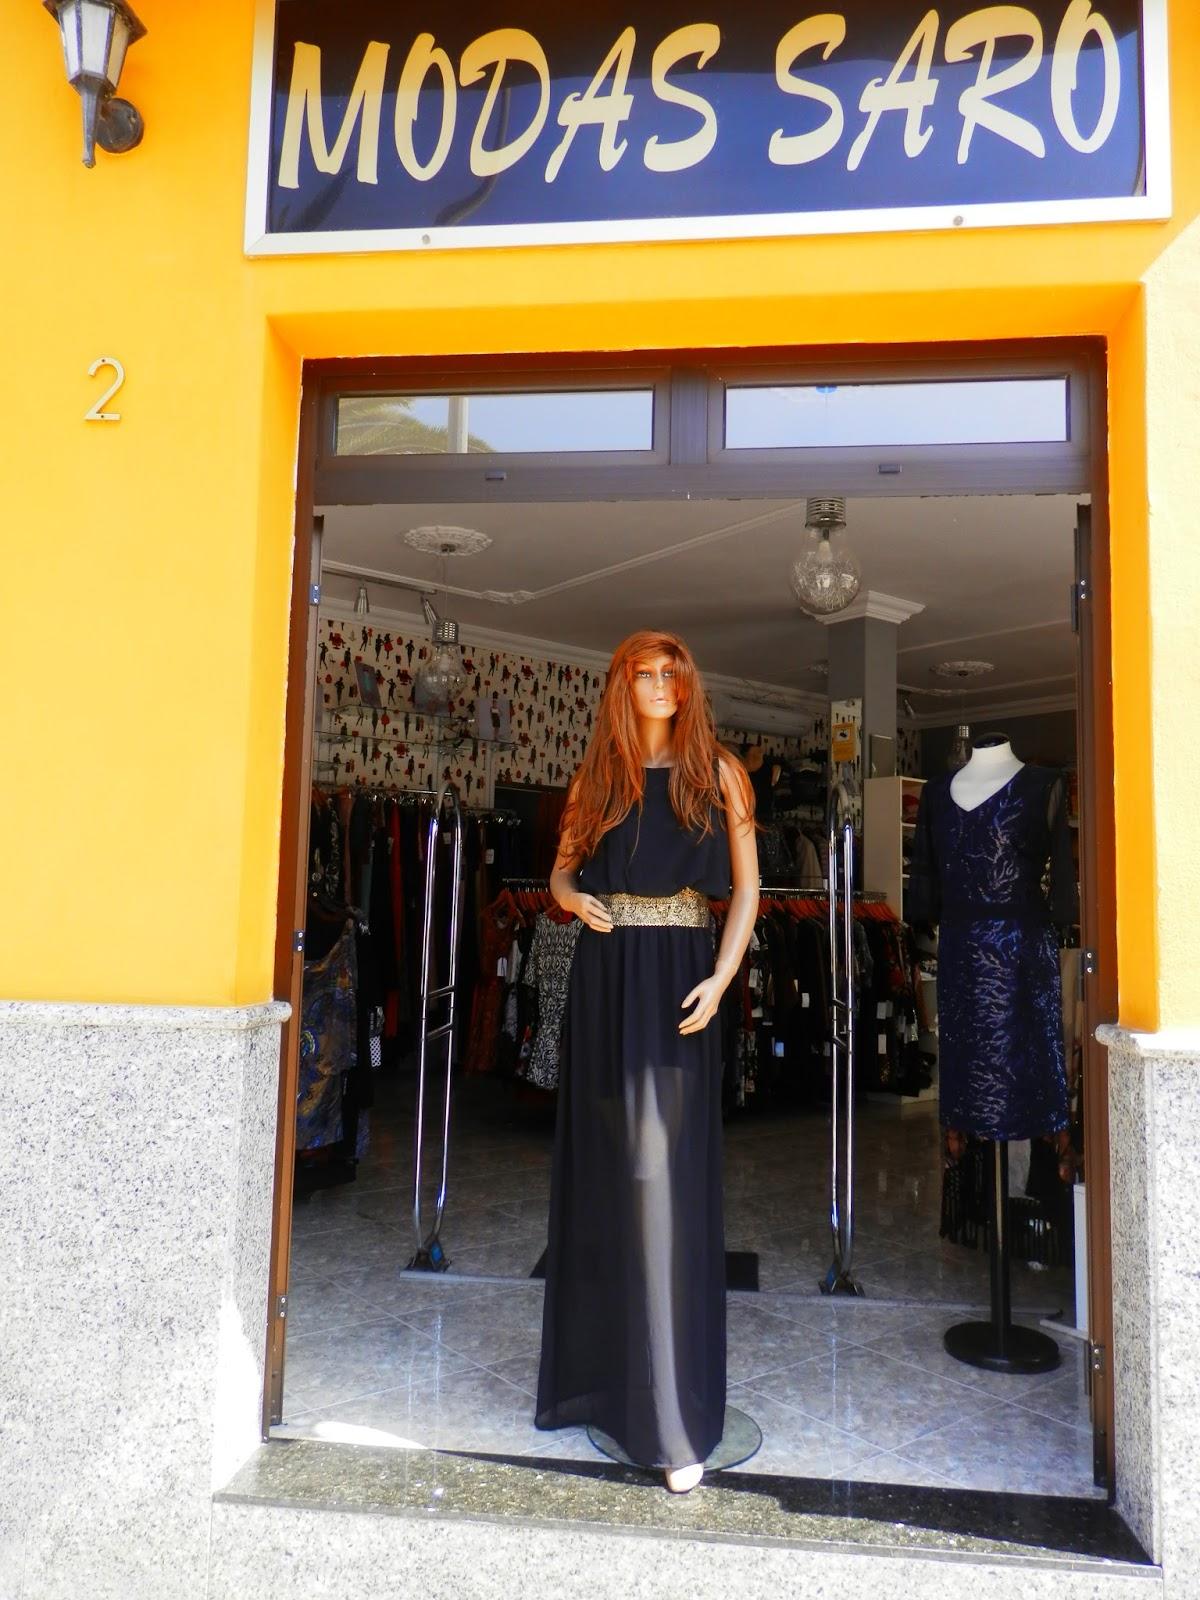 De Vestidos Granada Altavista C Modas Saro 2 Fiesta Arrecife Lanzarote dhCtsQxr